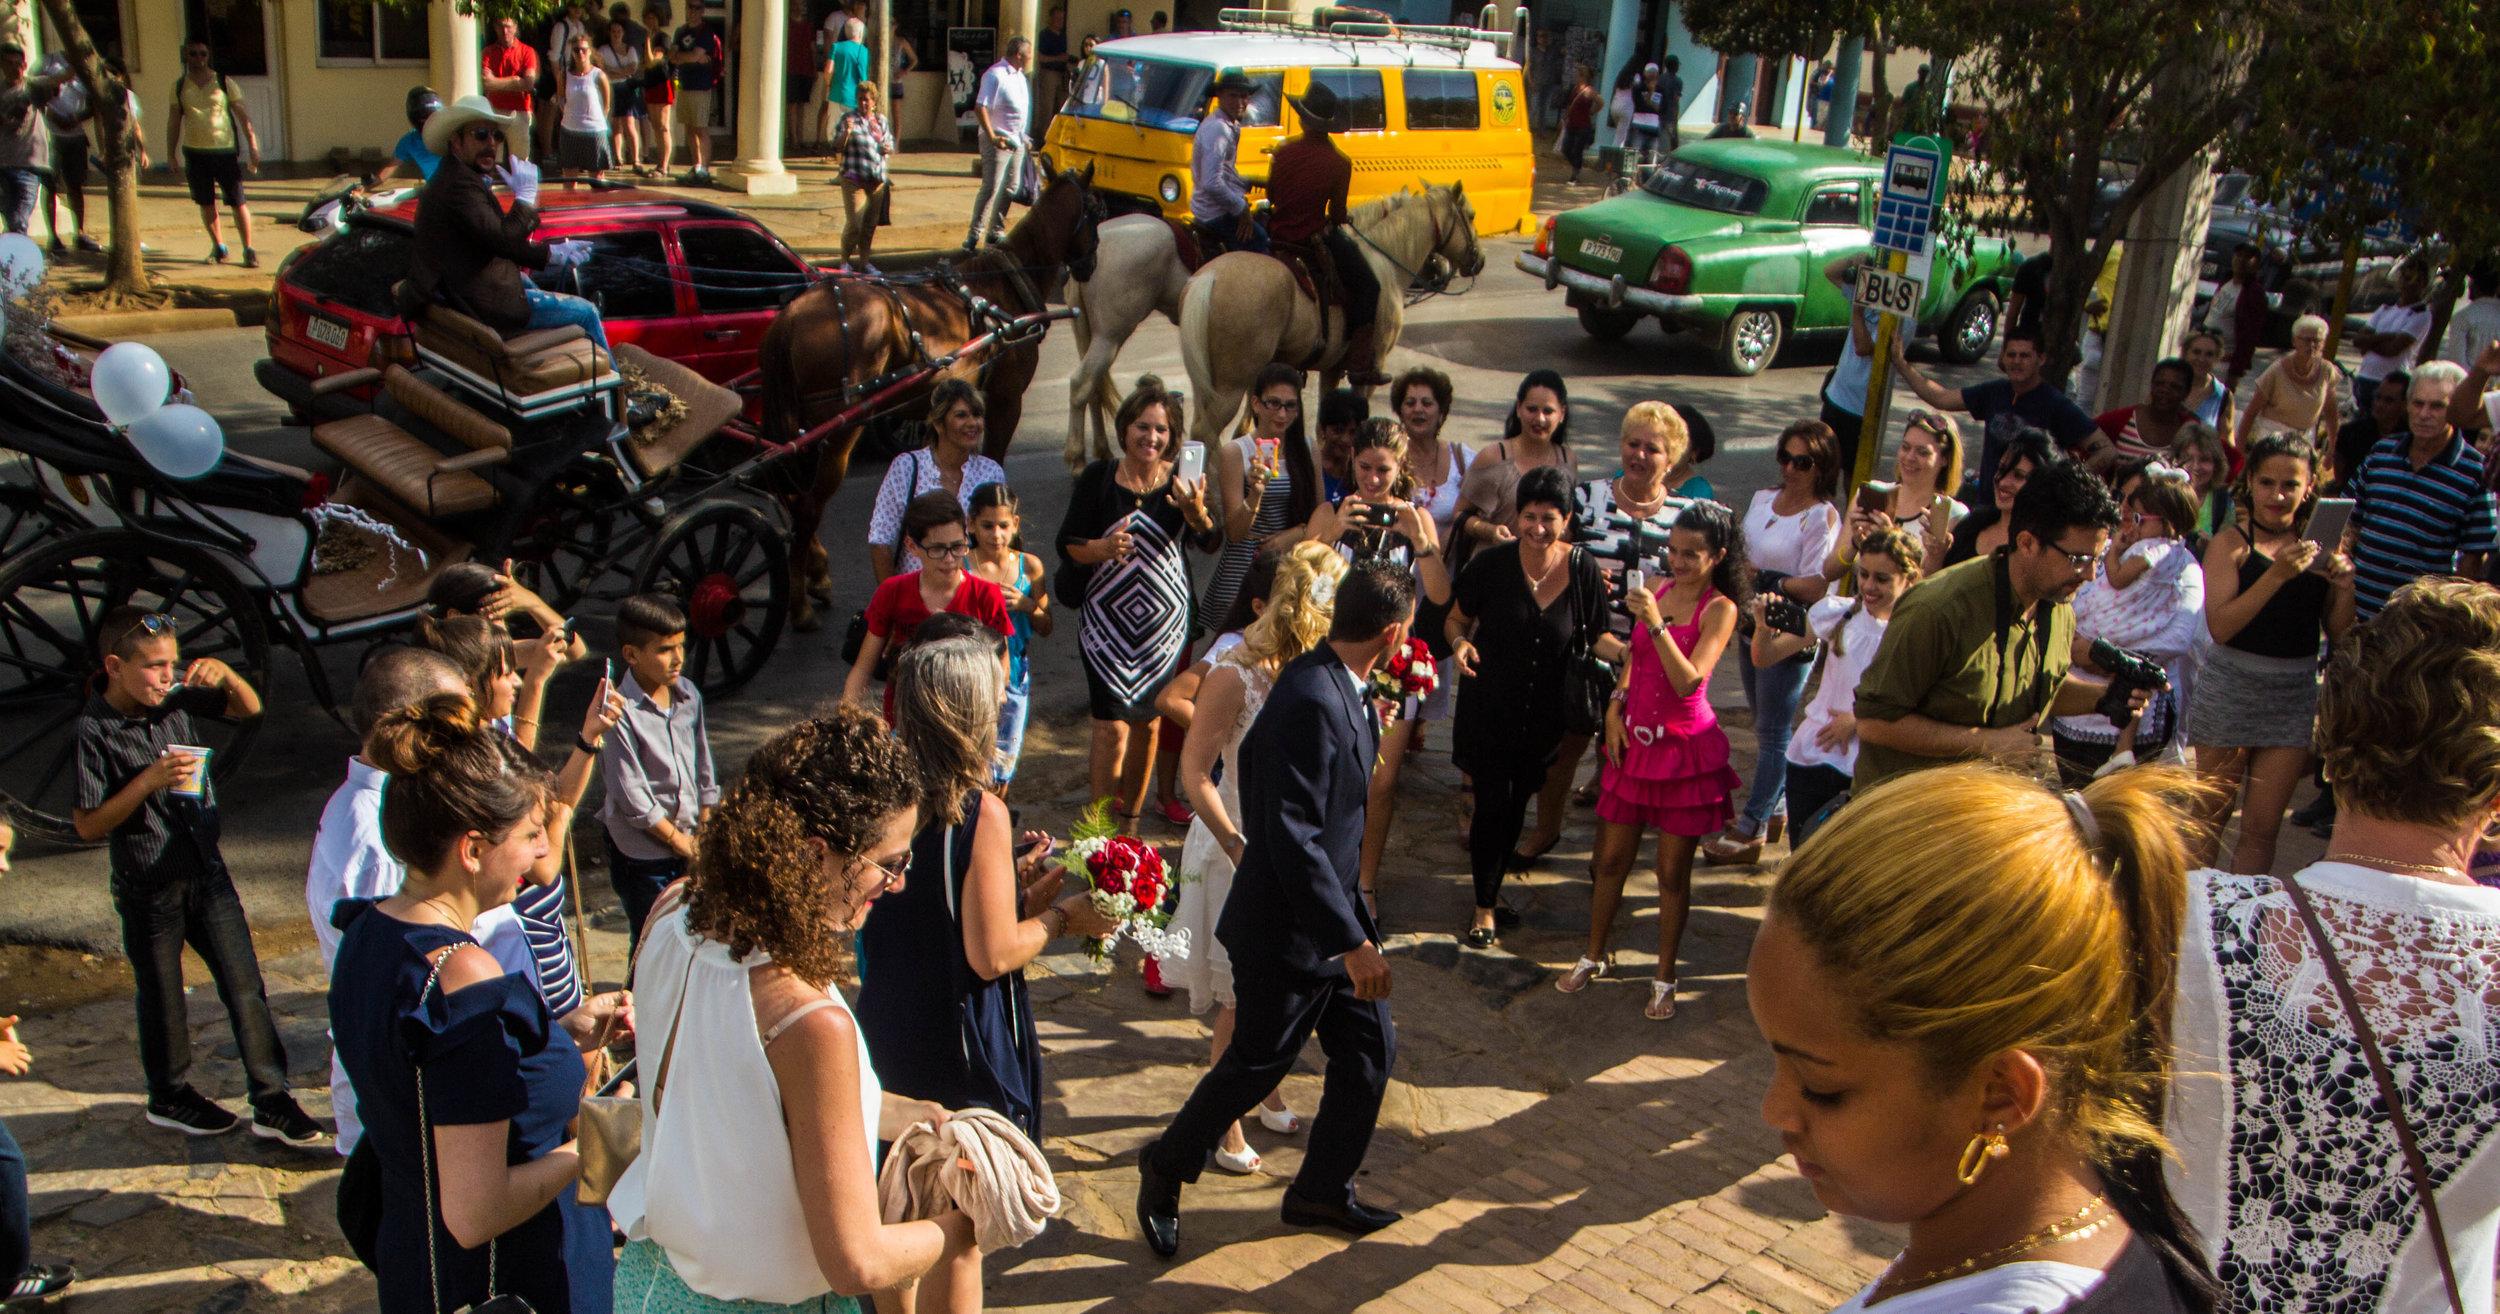 cuban wedding viñales cuba-1-3-2.jpg